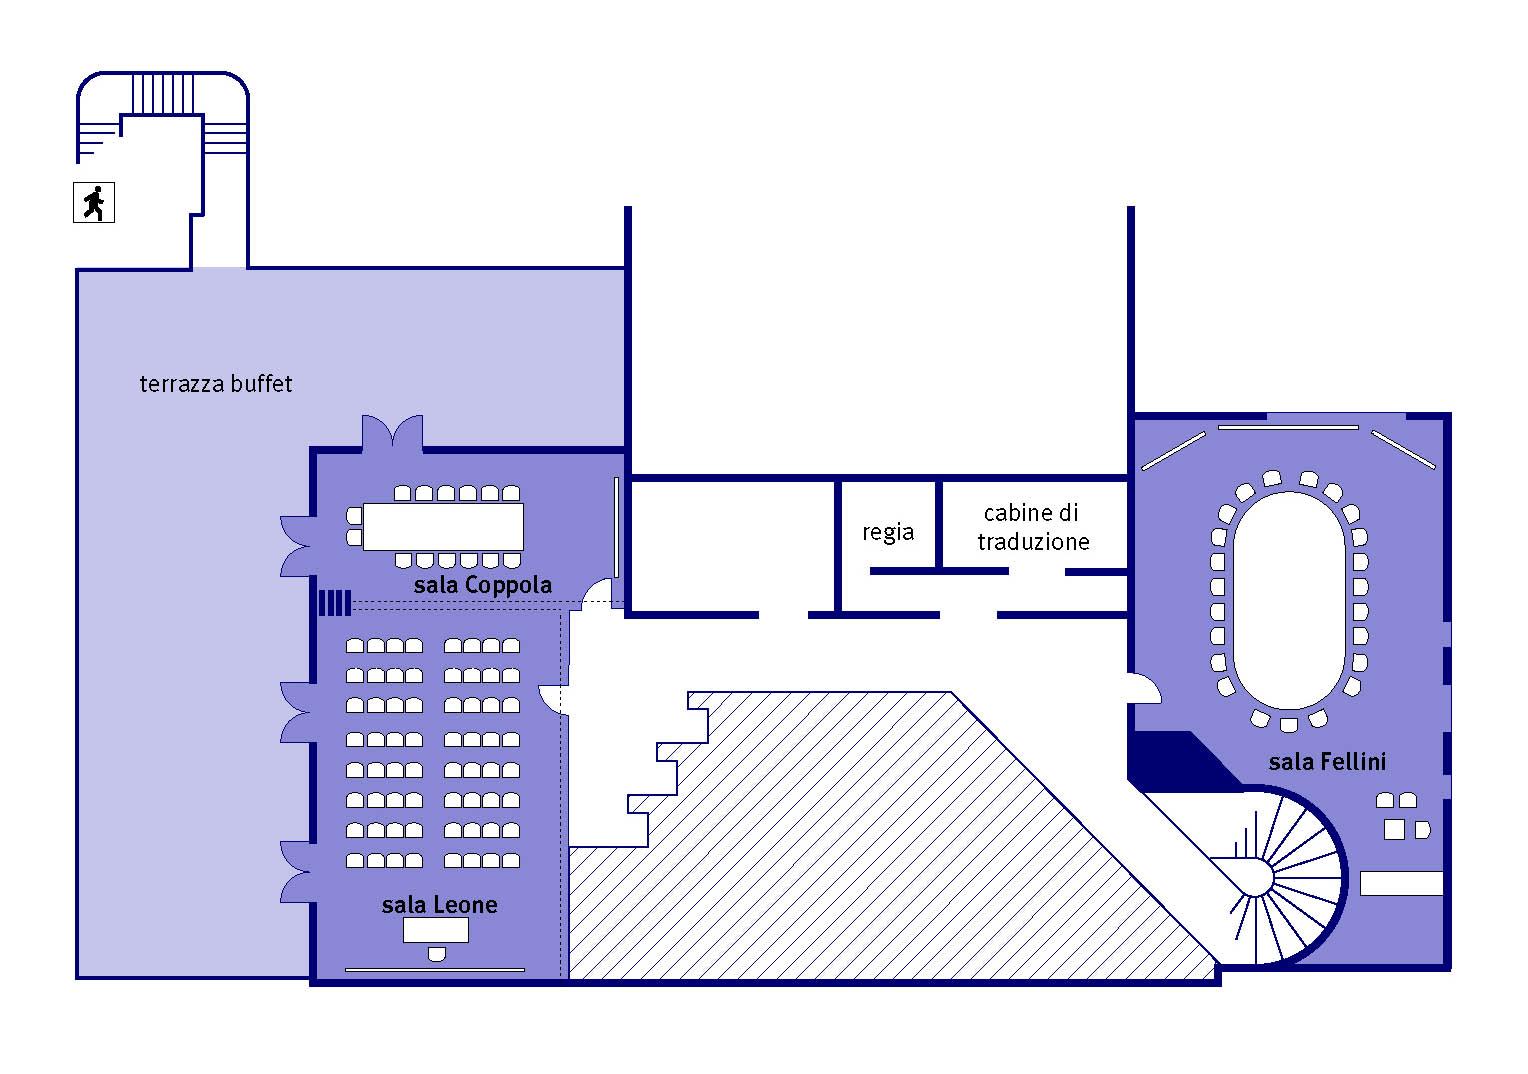 schemi planimetrici 1